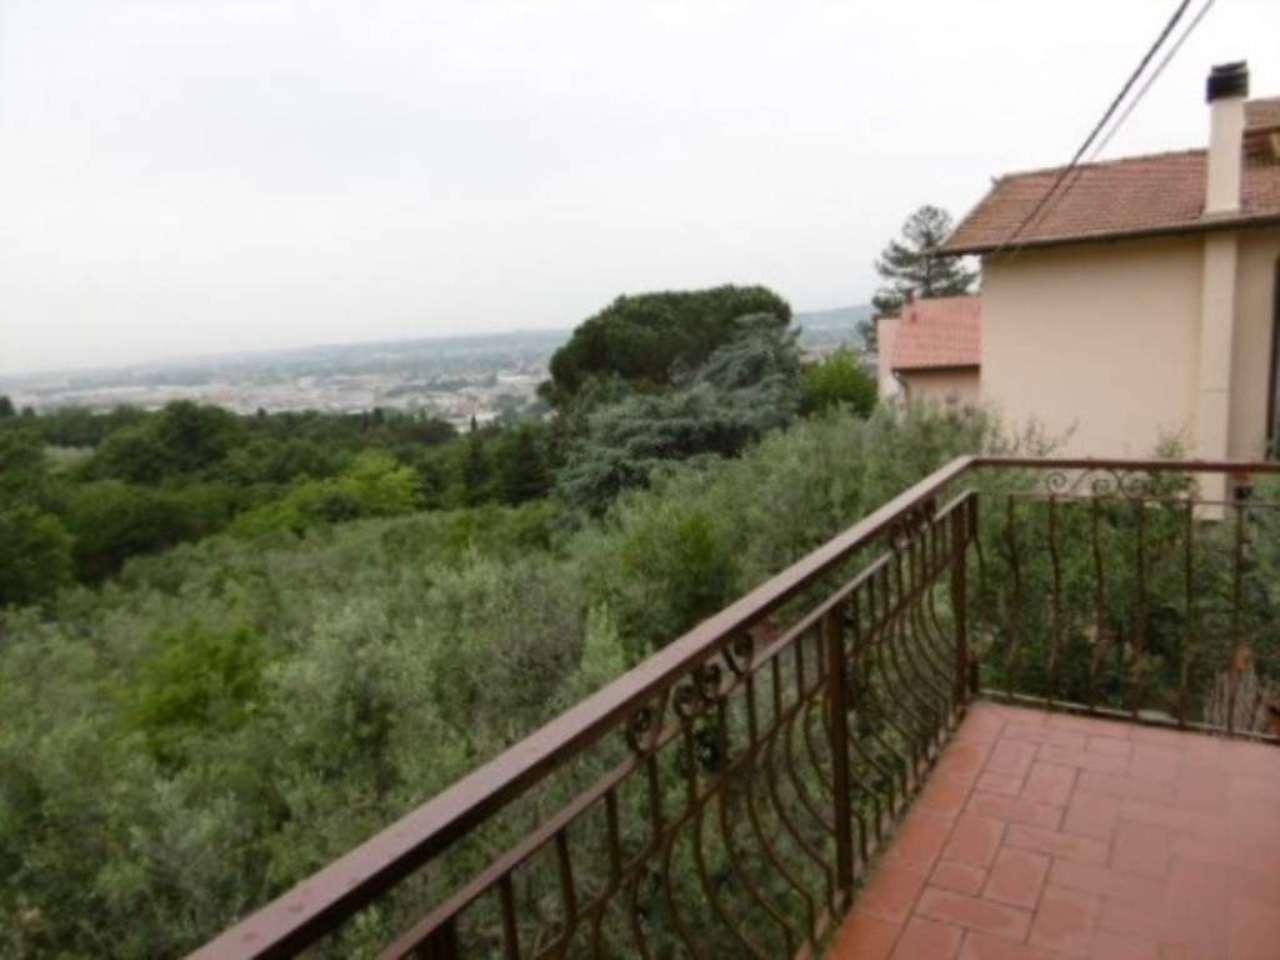 Villa in vendita a Montelupo Fiorentino, 10 locali, prezzo € 500.000 | Cambio Casa.it